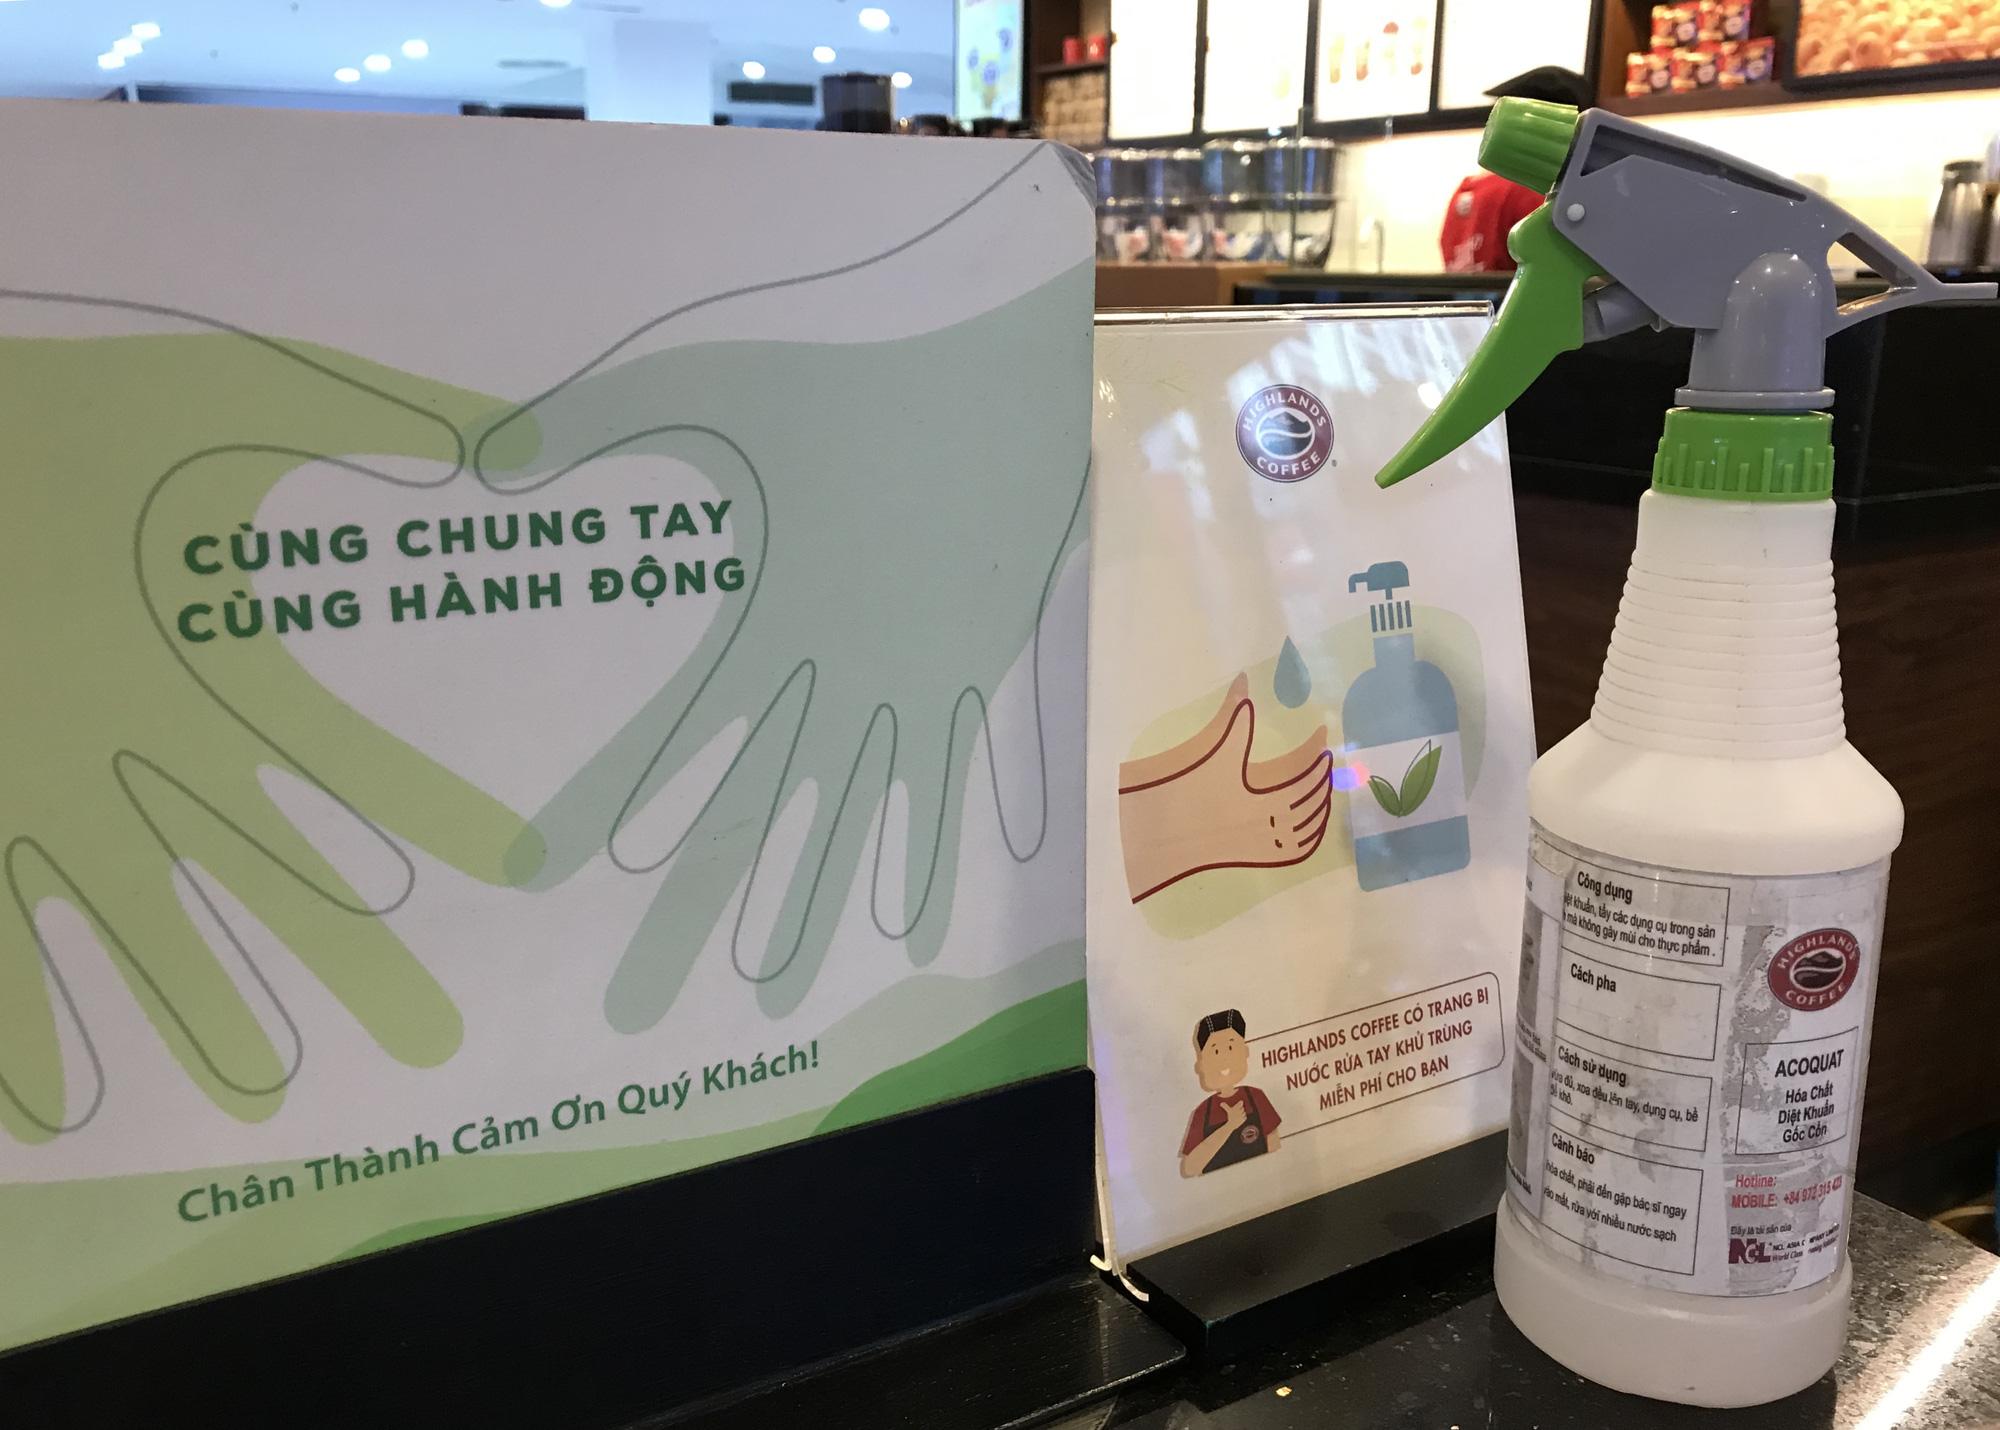 Nhà hàng, quán ăn, cà phê, trà sữa ở Sài Gòn quay lại cảnh đợi khách, vắng tanh chưa từng thấy vì dịch Covid-19 - Ảnh 13.